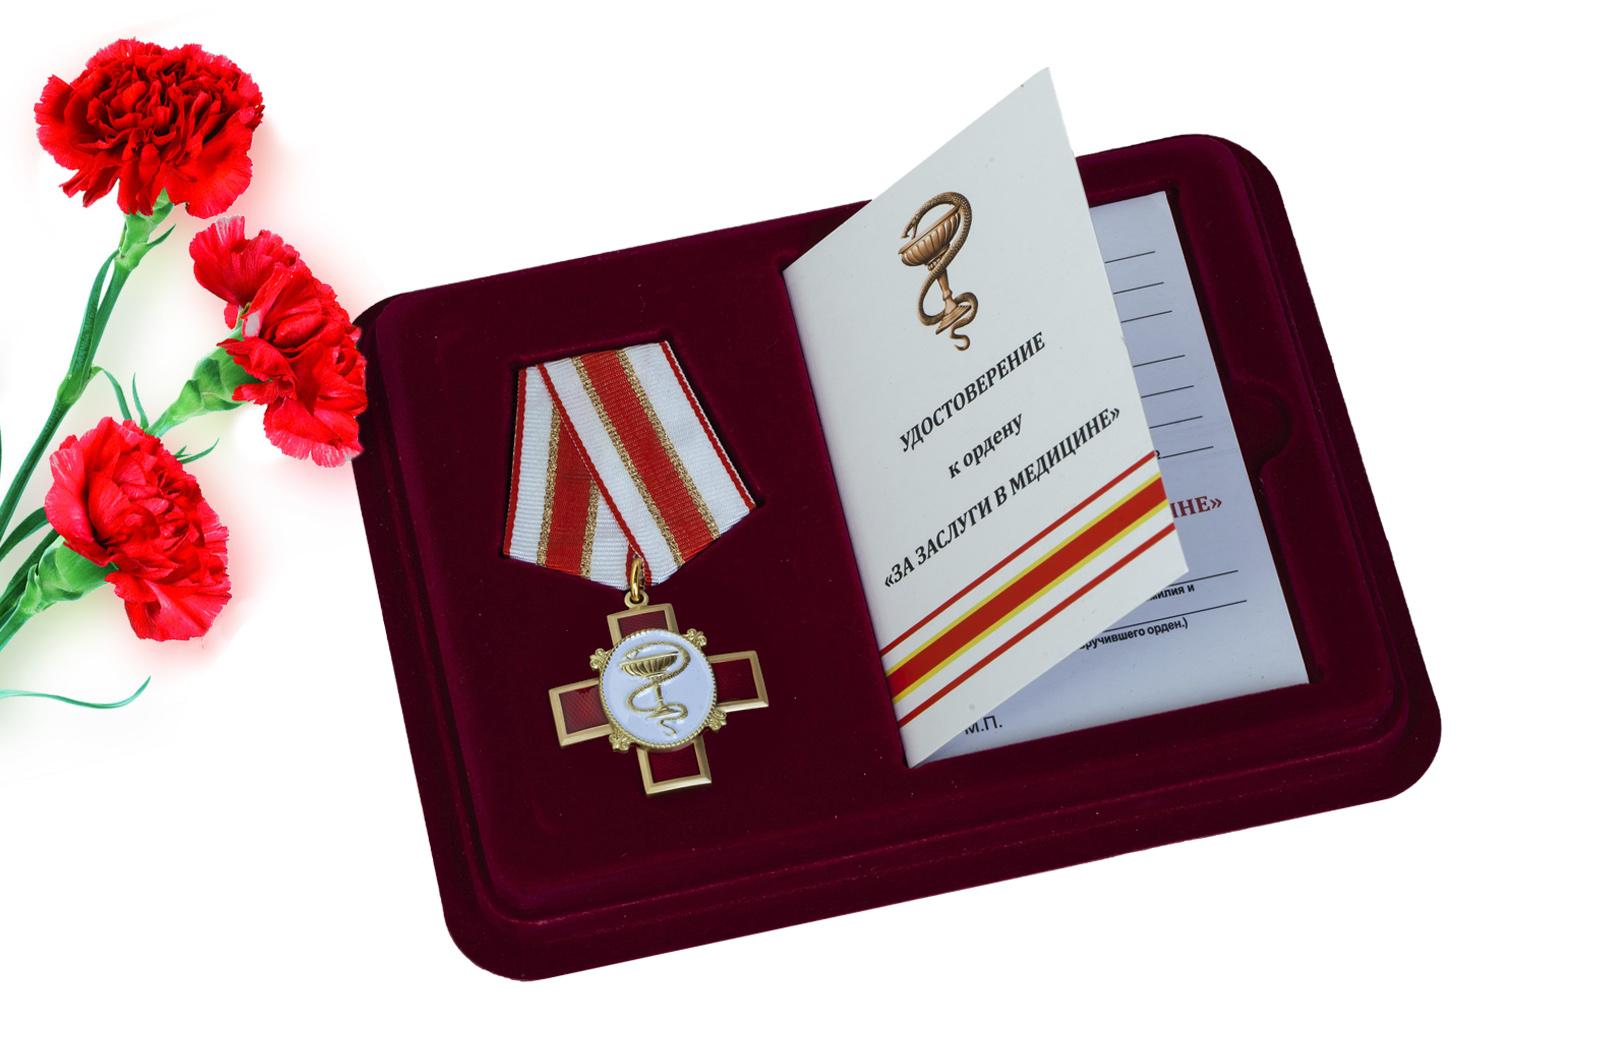 Купить памятную медаль За заслуги в медицине по экономичной цене